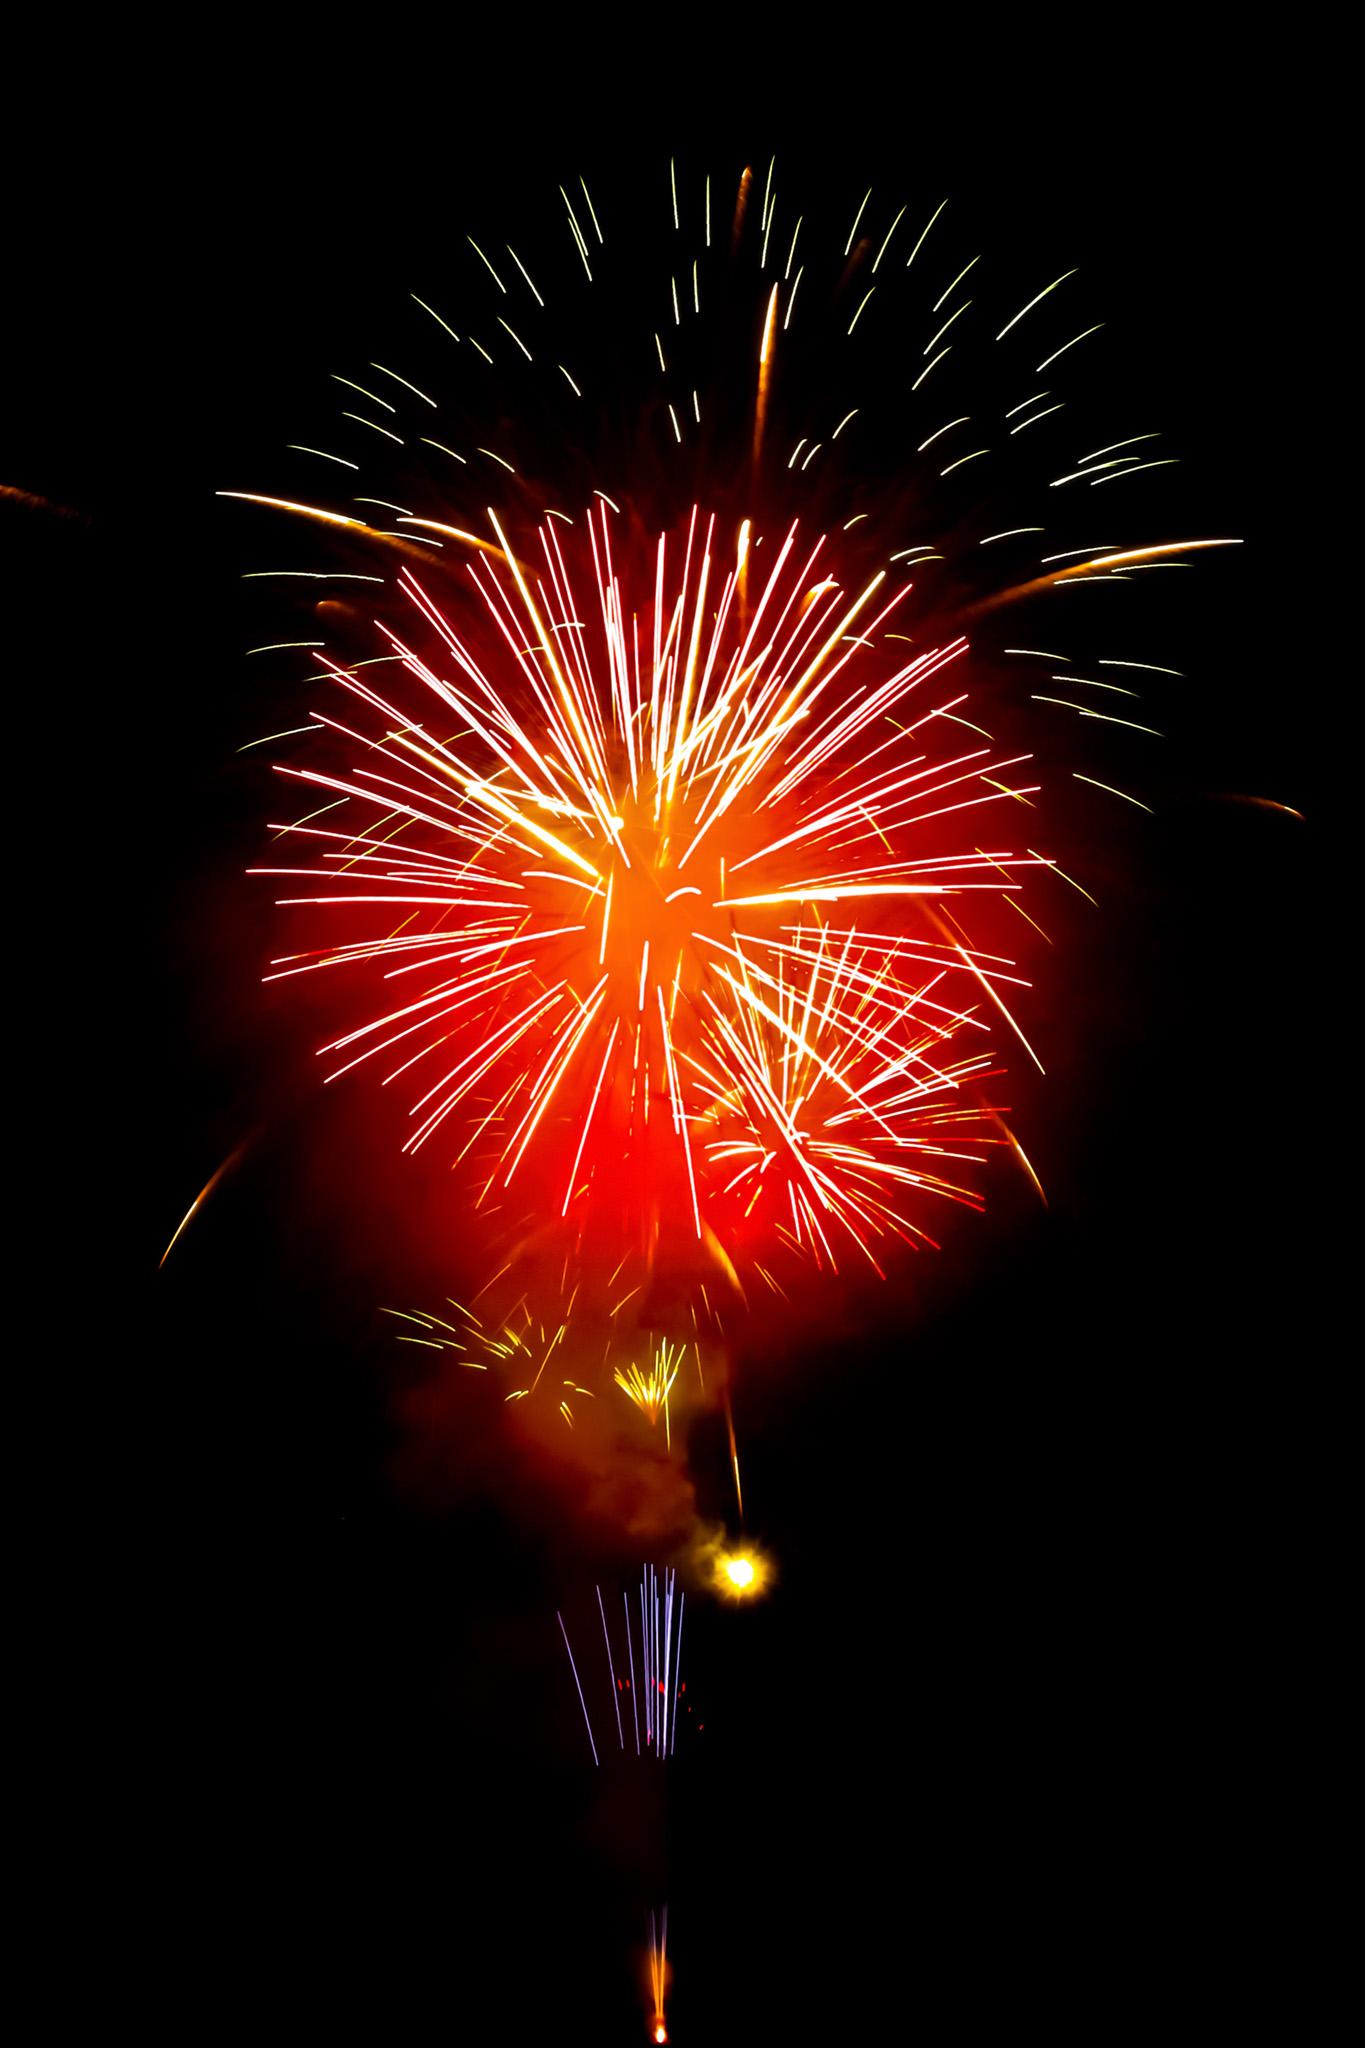 「華やかな花火と夜空」のテクスチャを無料ダウンロード